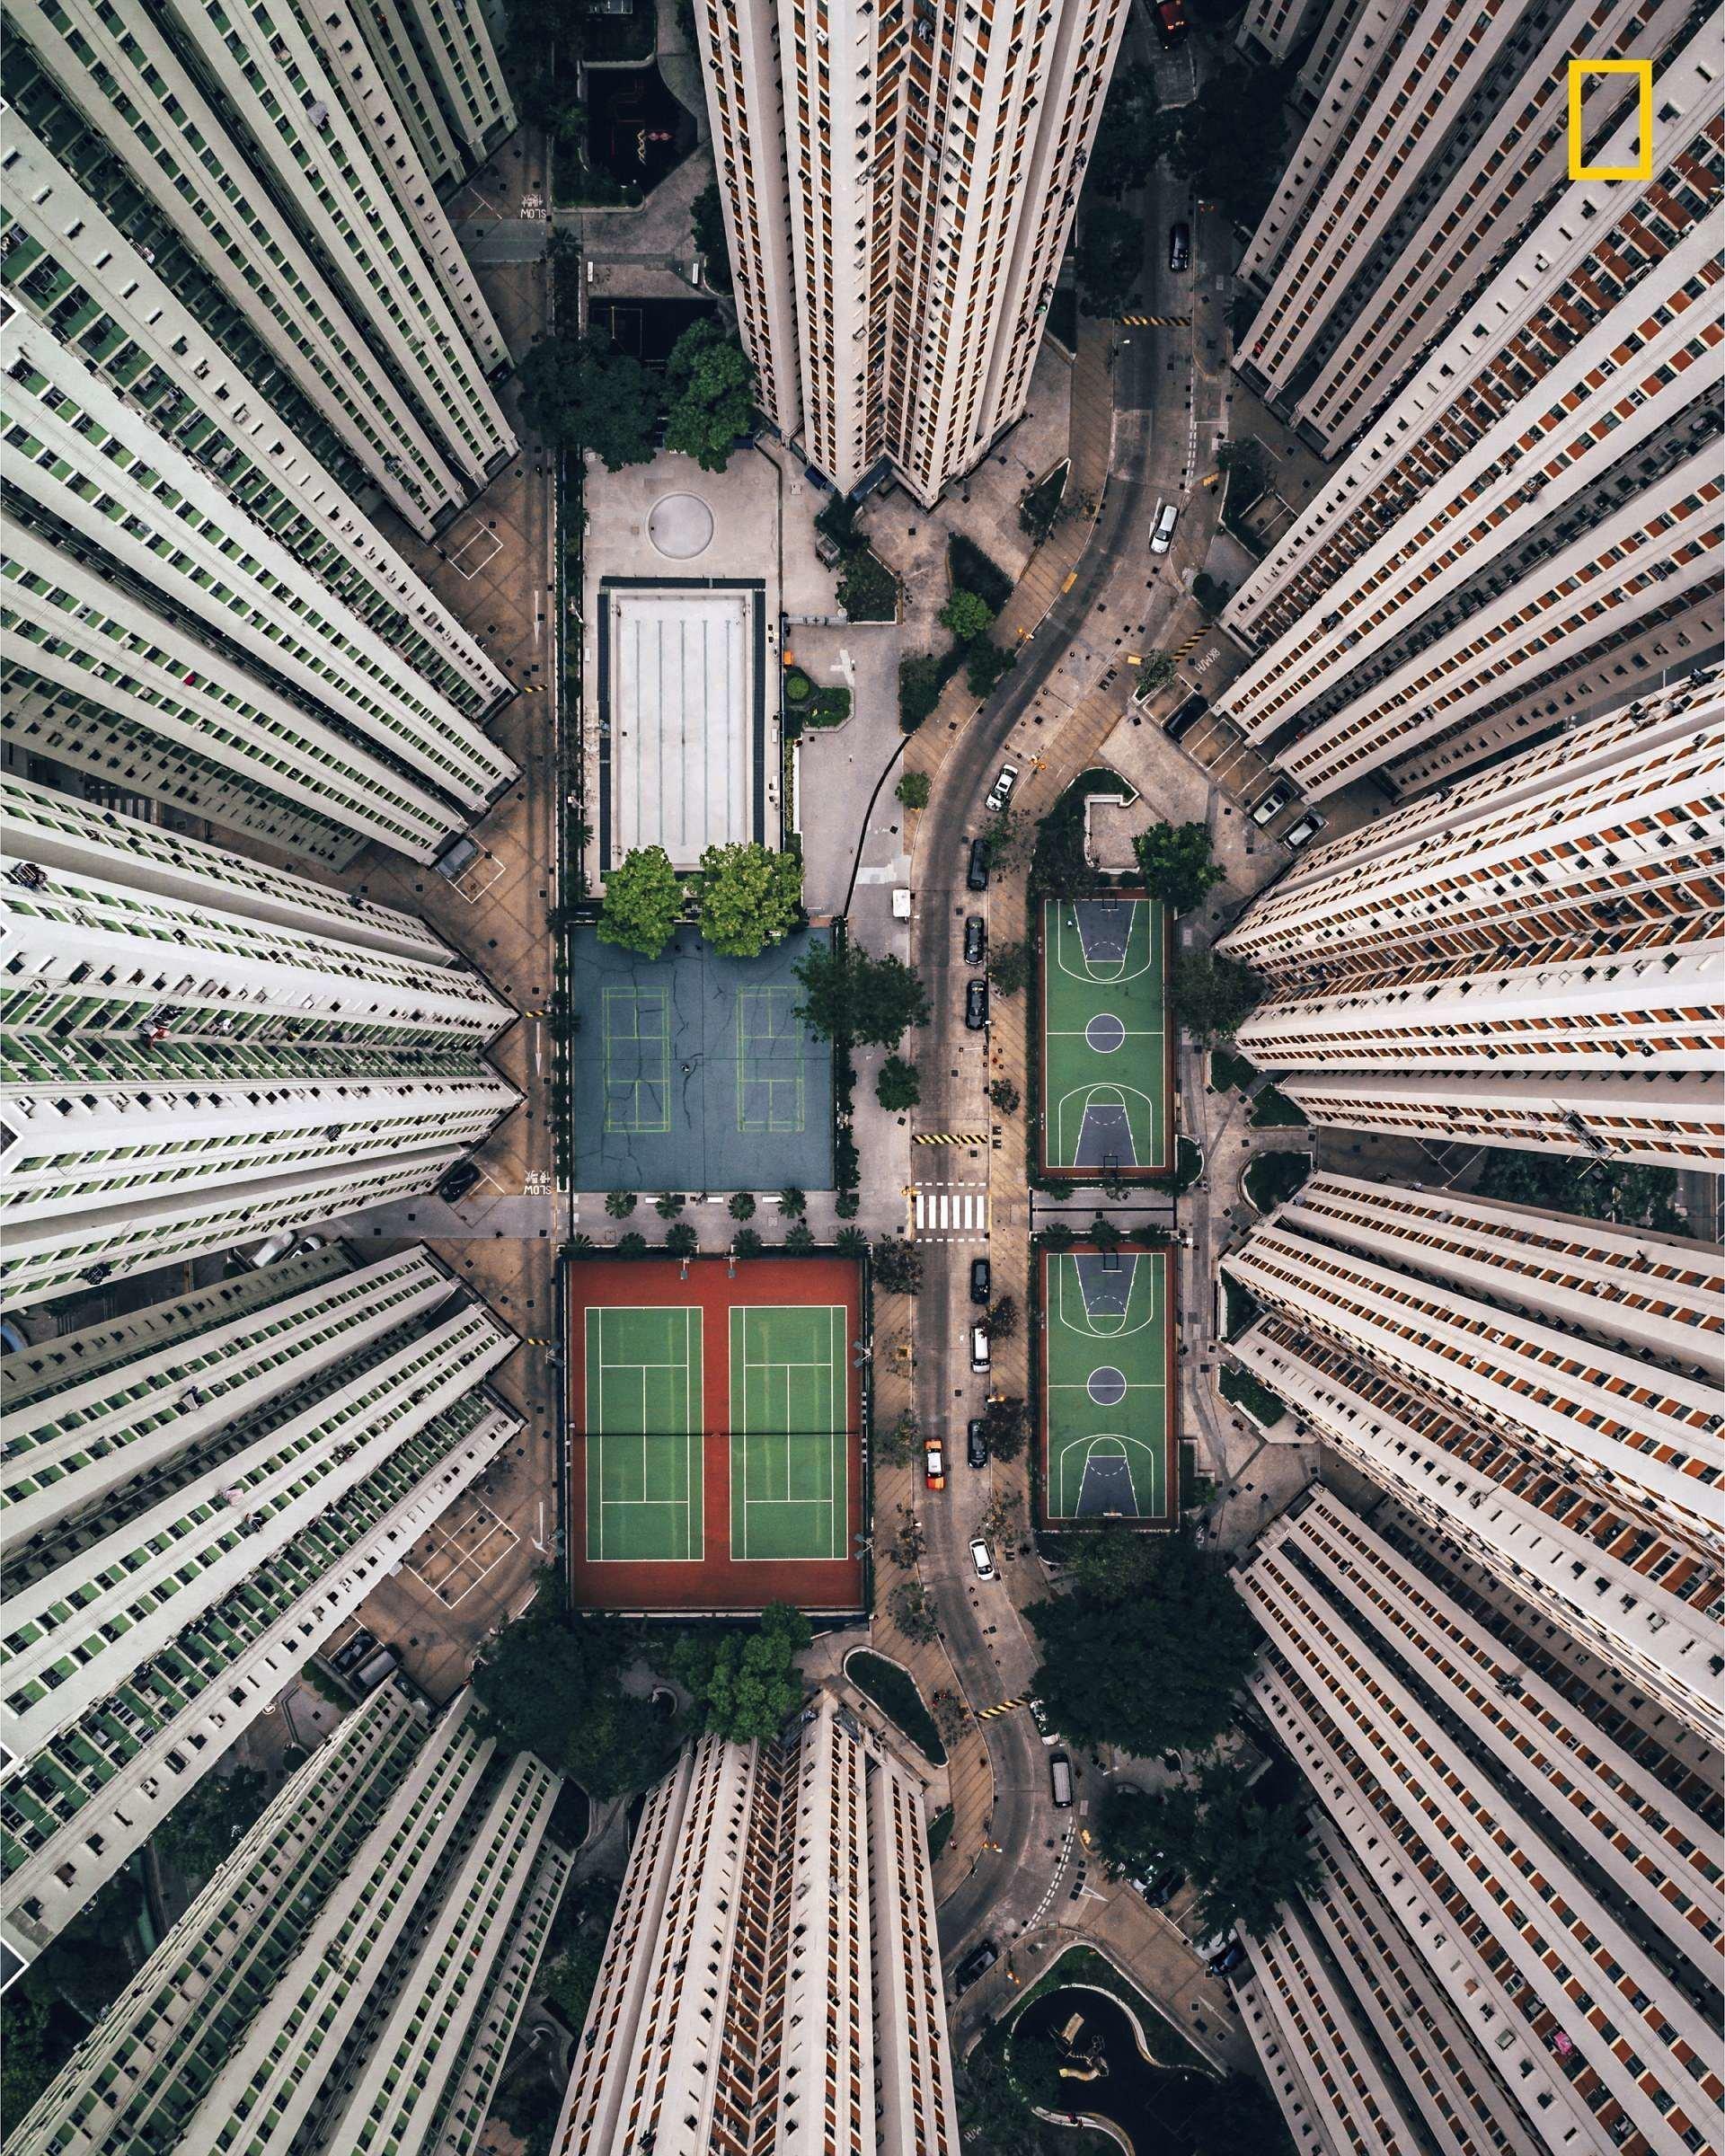 Фото: Gary Cummins. Гонконг. Почетный приз конкурса National Geographic Traveler, national geograhic, лучшие фотографии, победители, победители конкурса, фотографии года, фотоконкурс